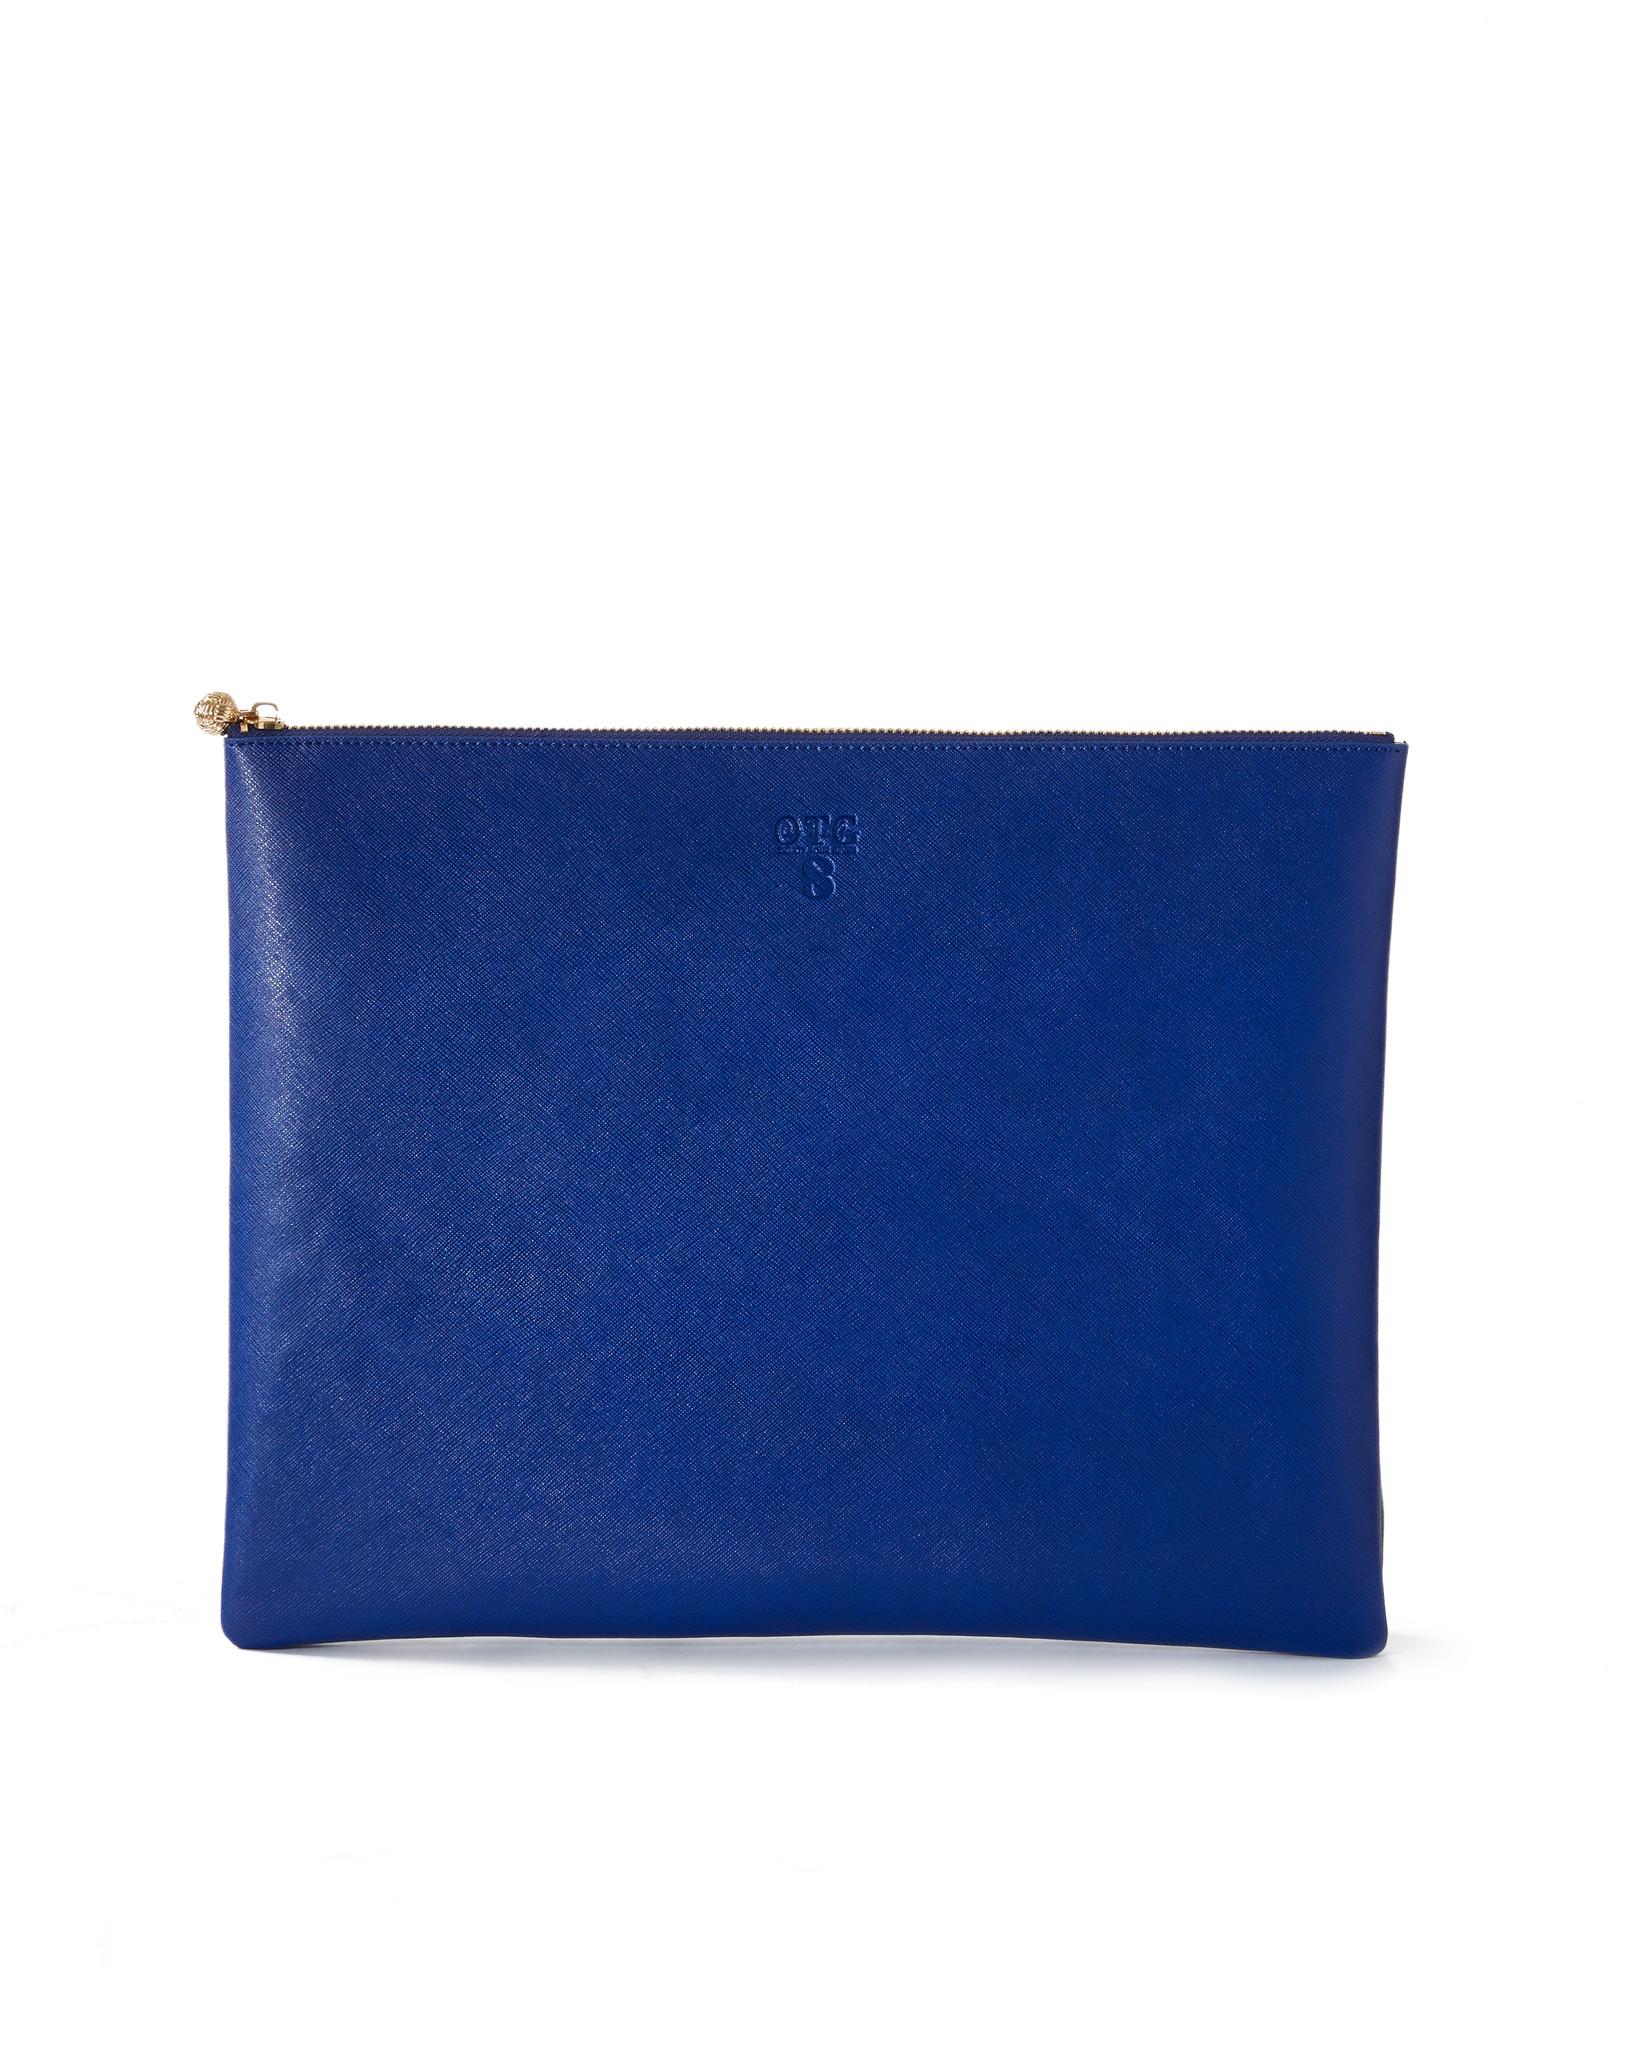 OTG247 Bag #8 Solid